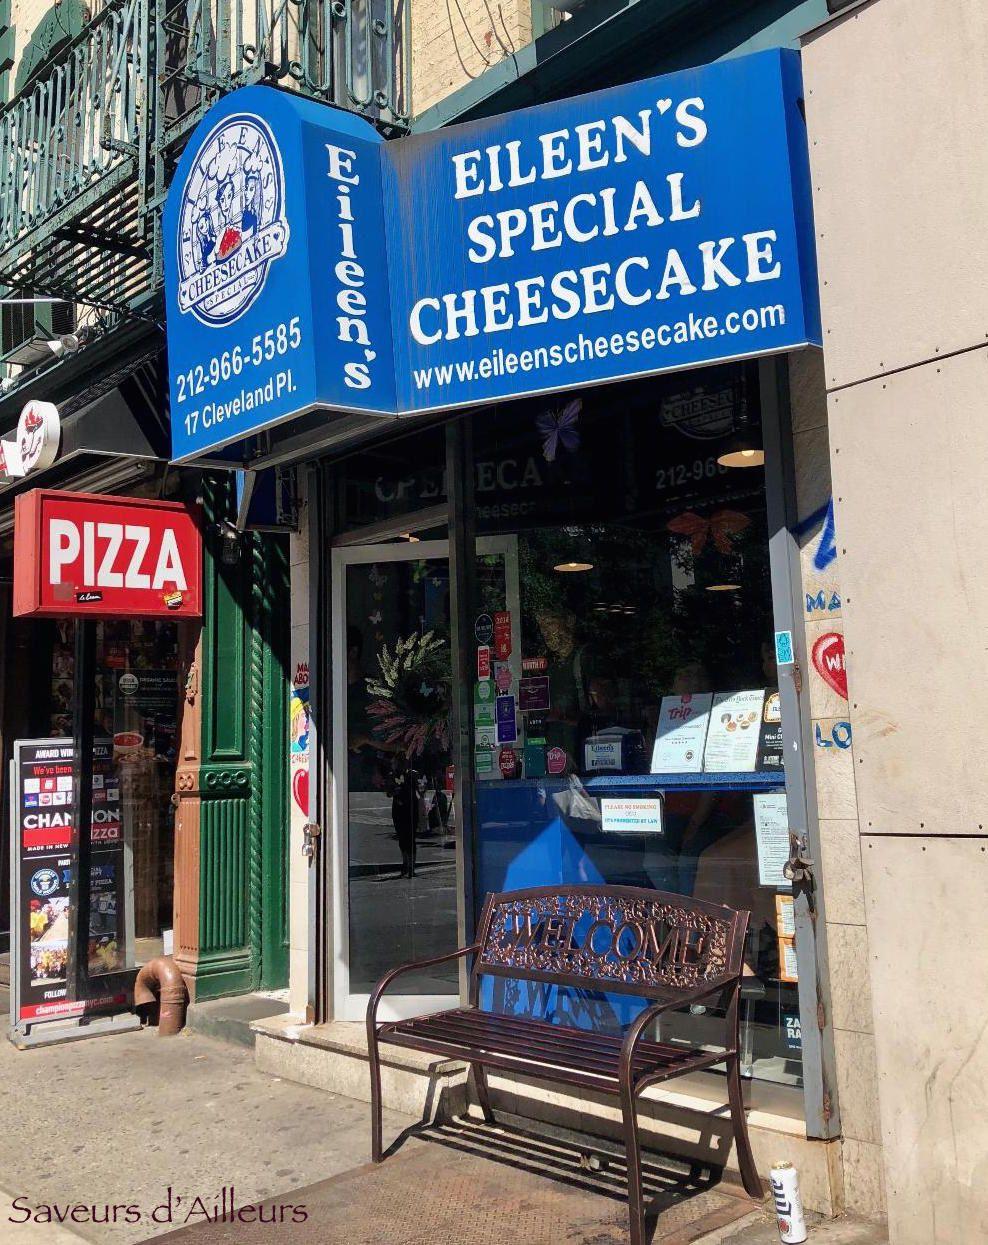 Le Meilleur Cheesecake de New York !